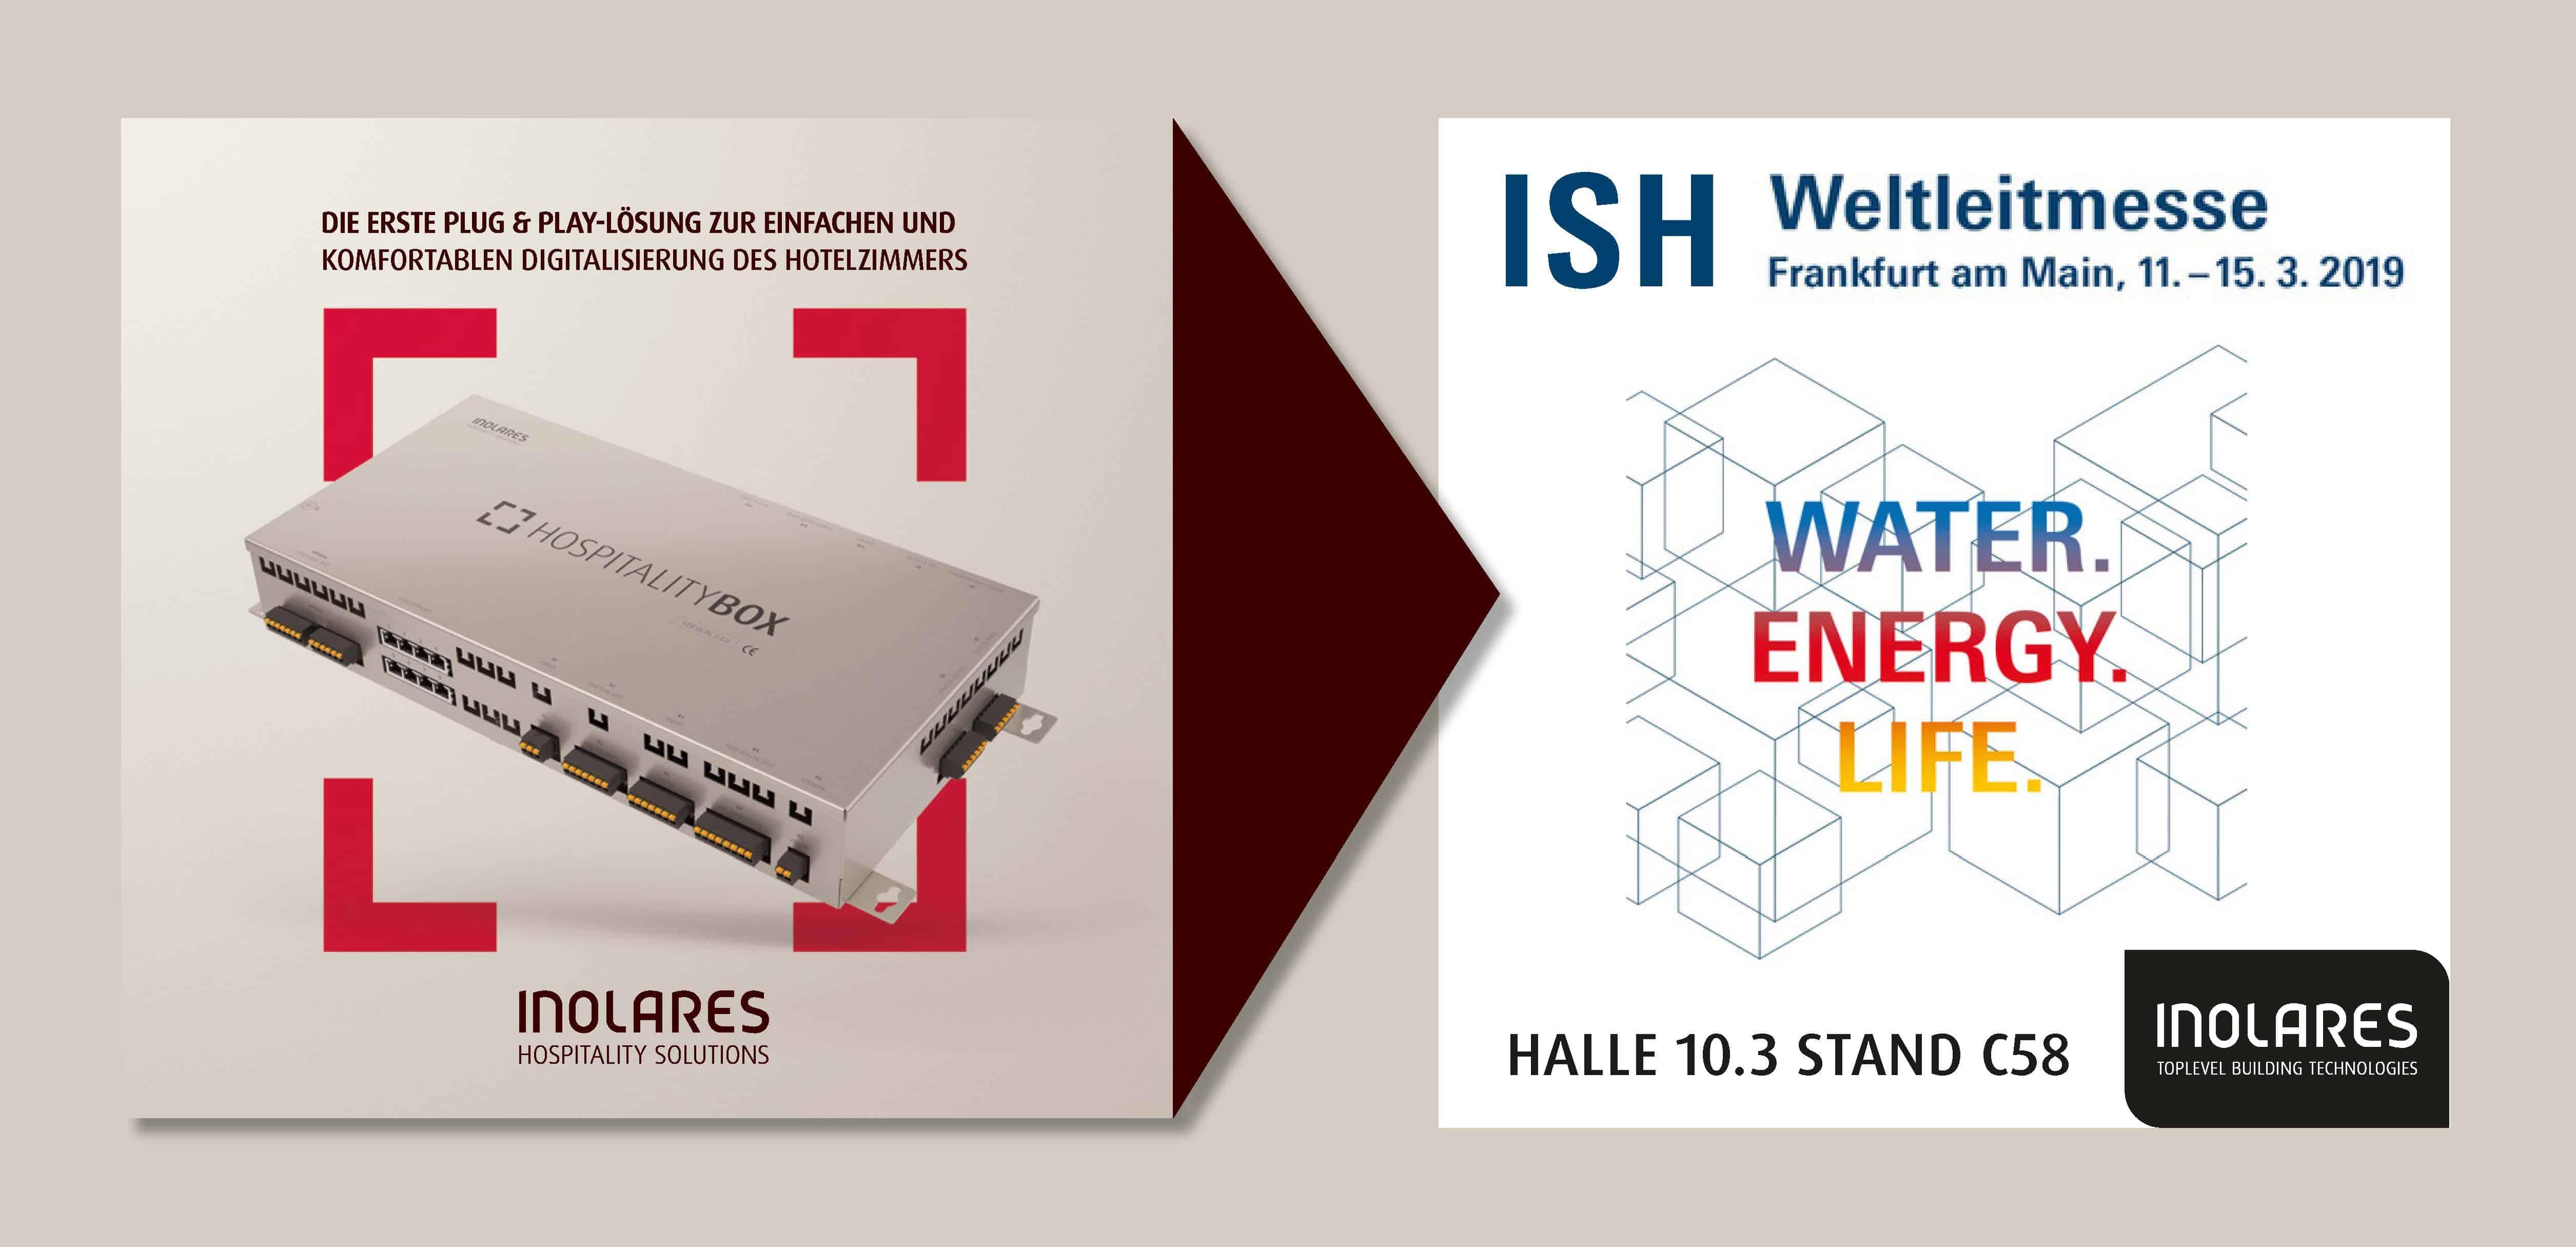 Inolares mit der Hospitality Box auf der ISH Weltleitmesse in Frankfurt 2019